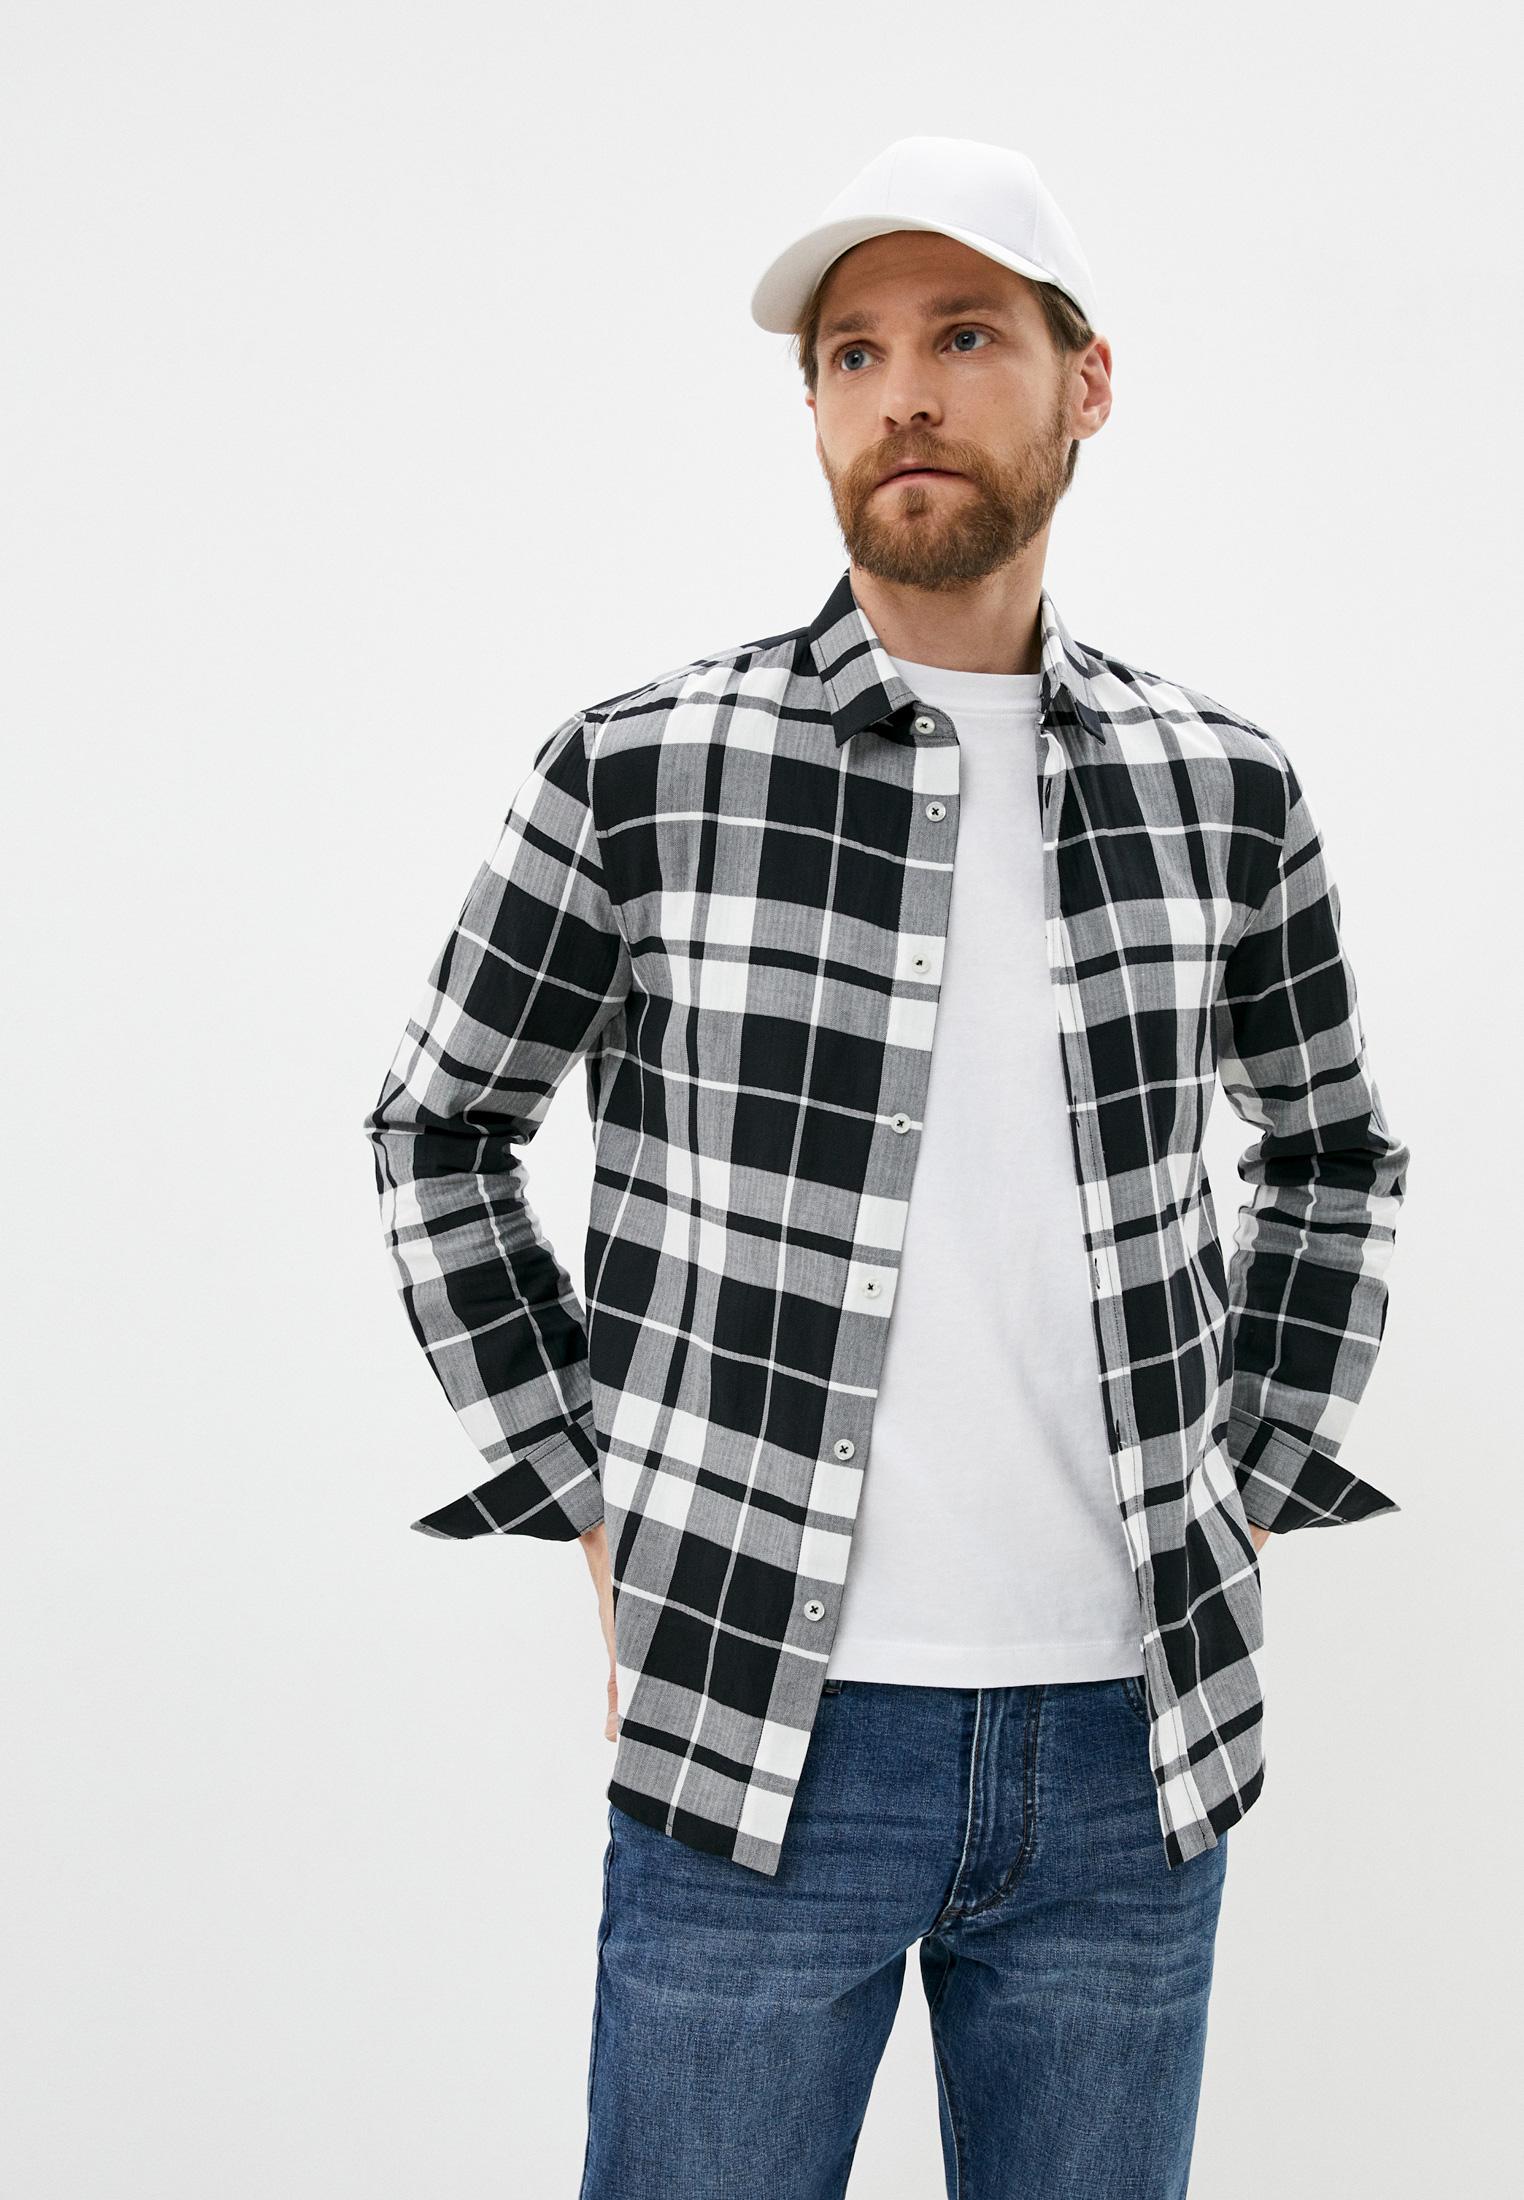 Рубашка с длинным рукавом Bikkembergs (Биккембергс) C C 009 04 S 3348